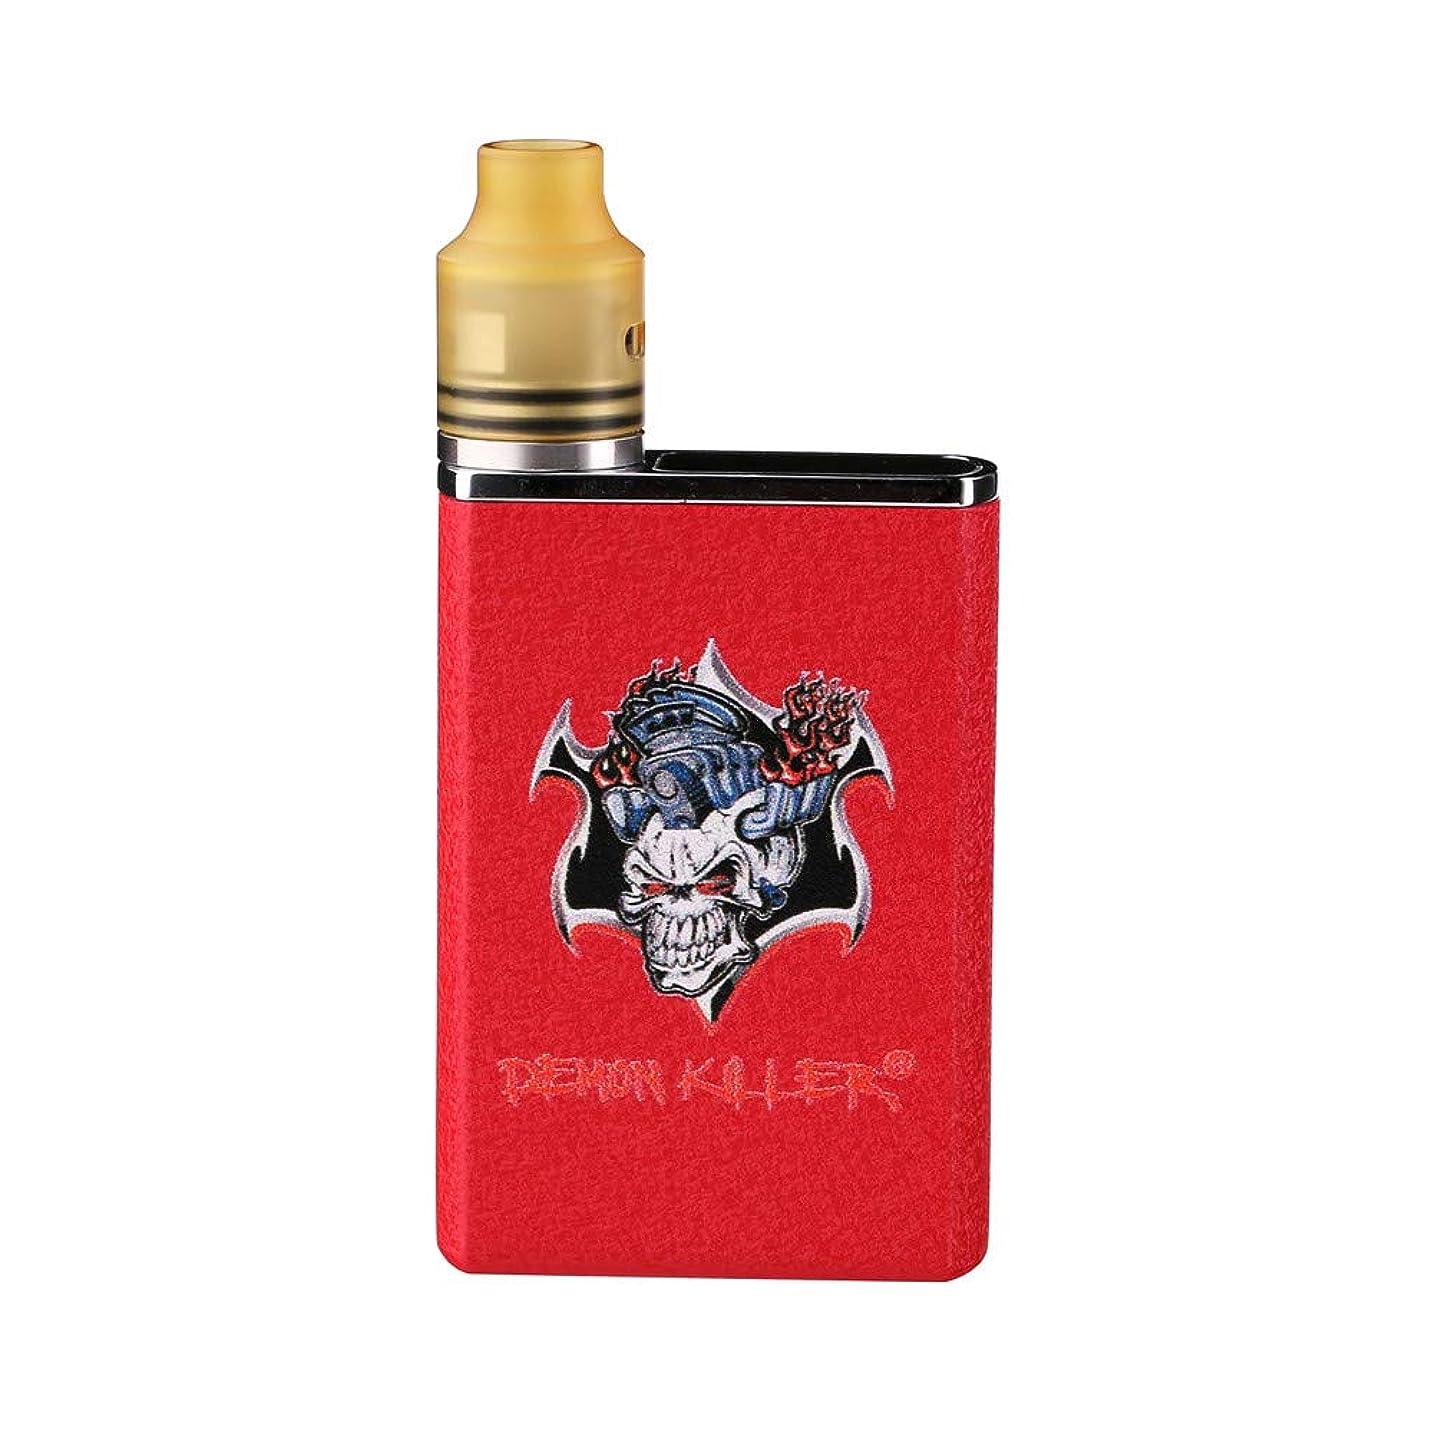 忍耐表示以内に【正規品】Demon Killer TINY RDA kit 電子タバコセット (赤い色)